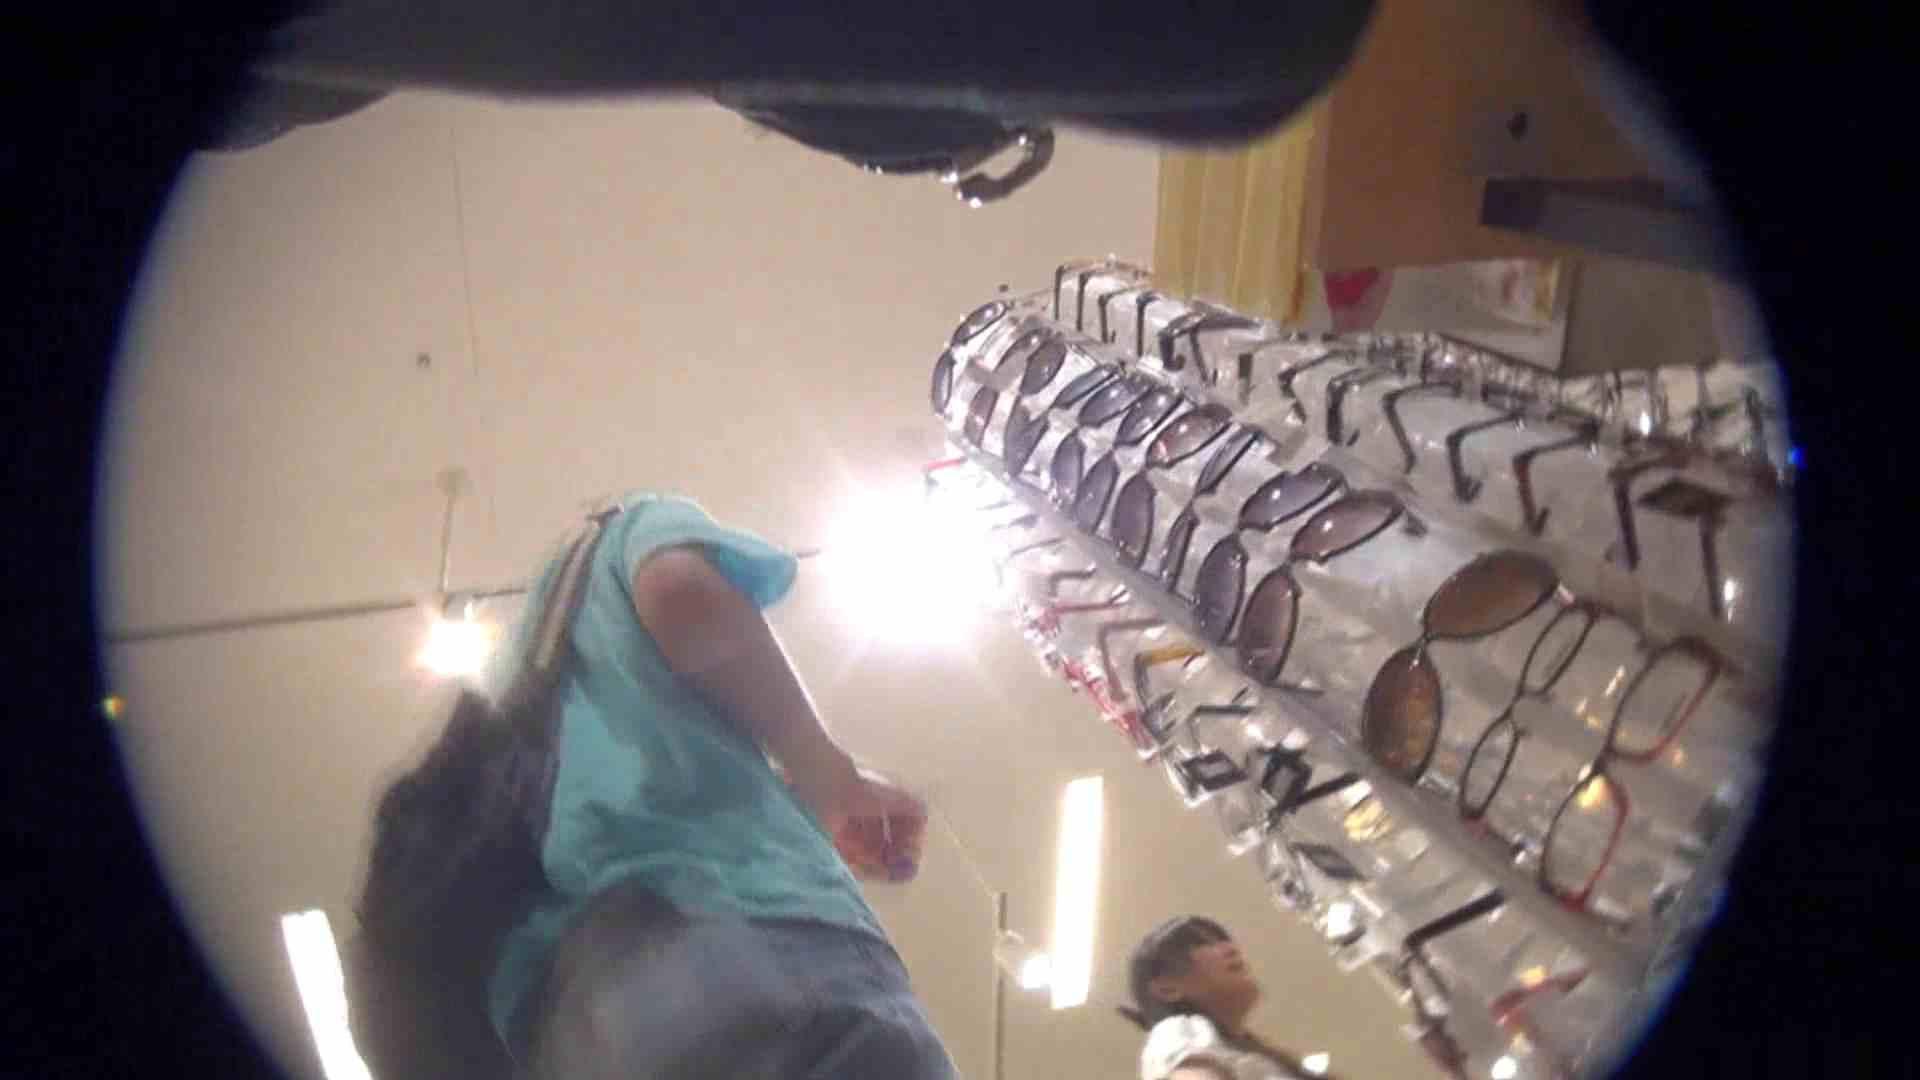 (FHD)ドリーム★アングルさんの逆さの極意 VOL.02 パンスト すけべAV動画紹介 107画像 79